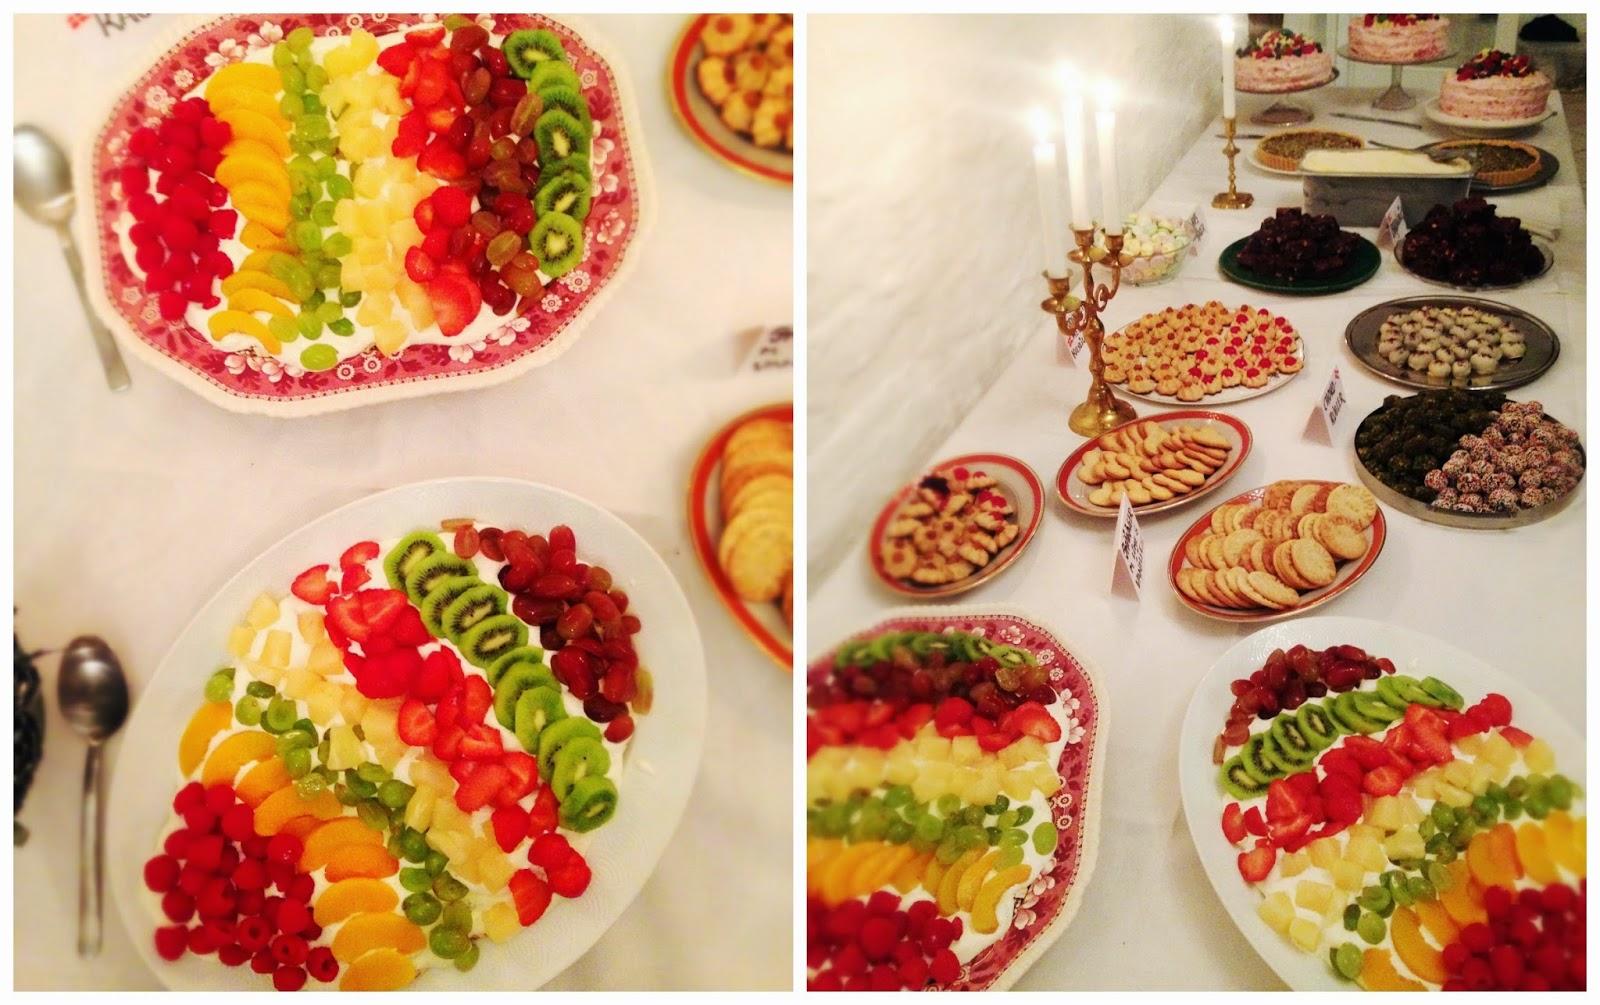 frugttærte med marengs